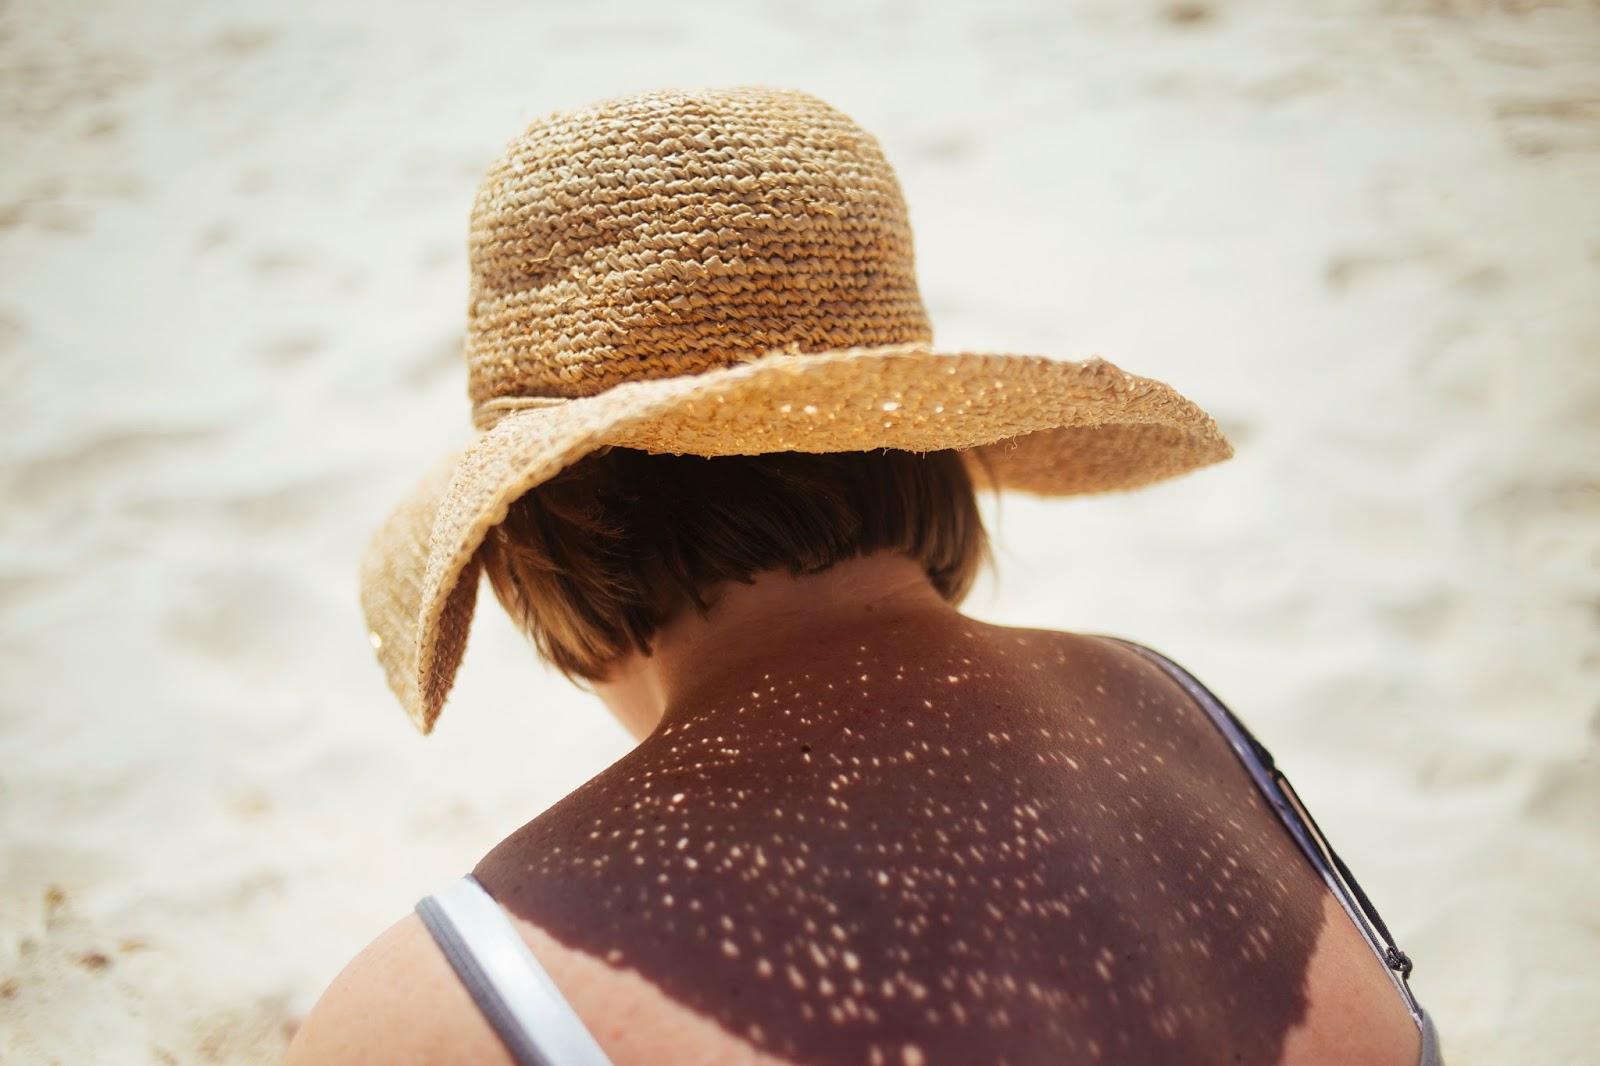 sun-solares366-protecção-solar-skin-pele-cancro